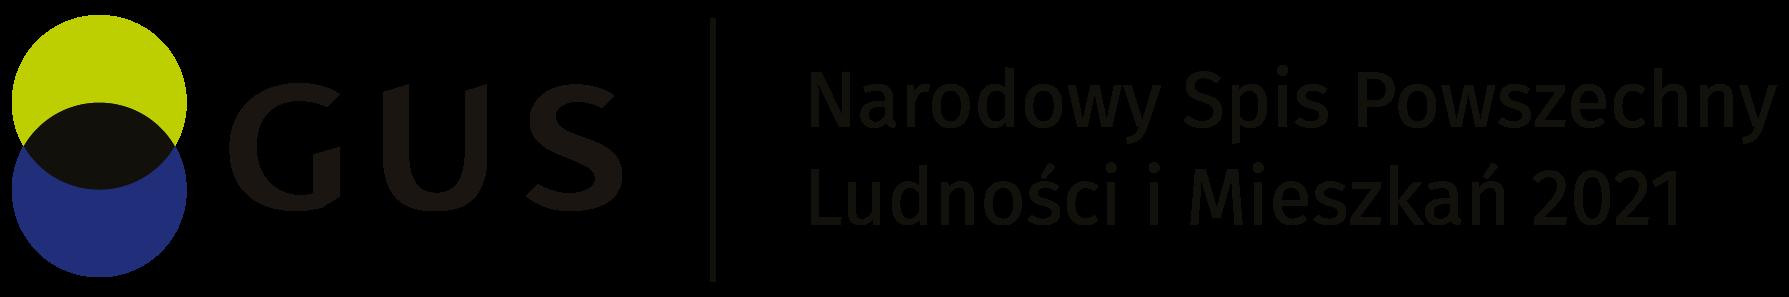 Logo Głównego Urzędu Statystycznego z pełną nazwą w języku polskim: Narodowy Spis Powszechny Ludności i Mieszkań 2021, w kolorze